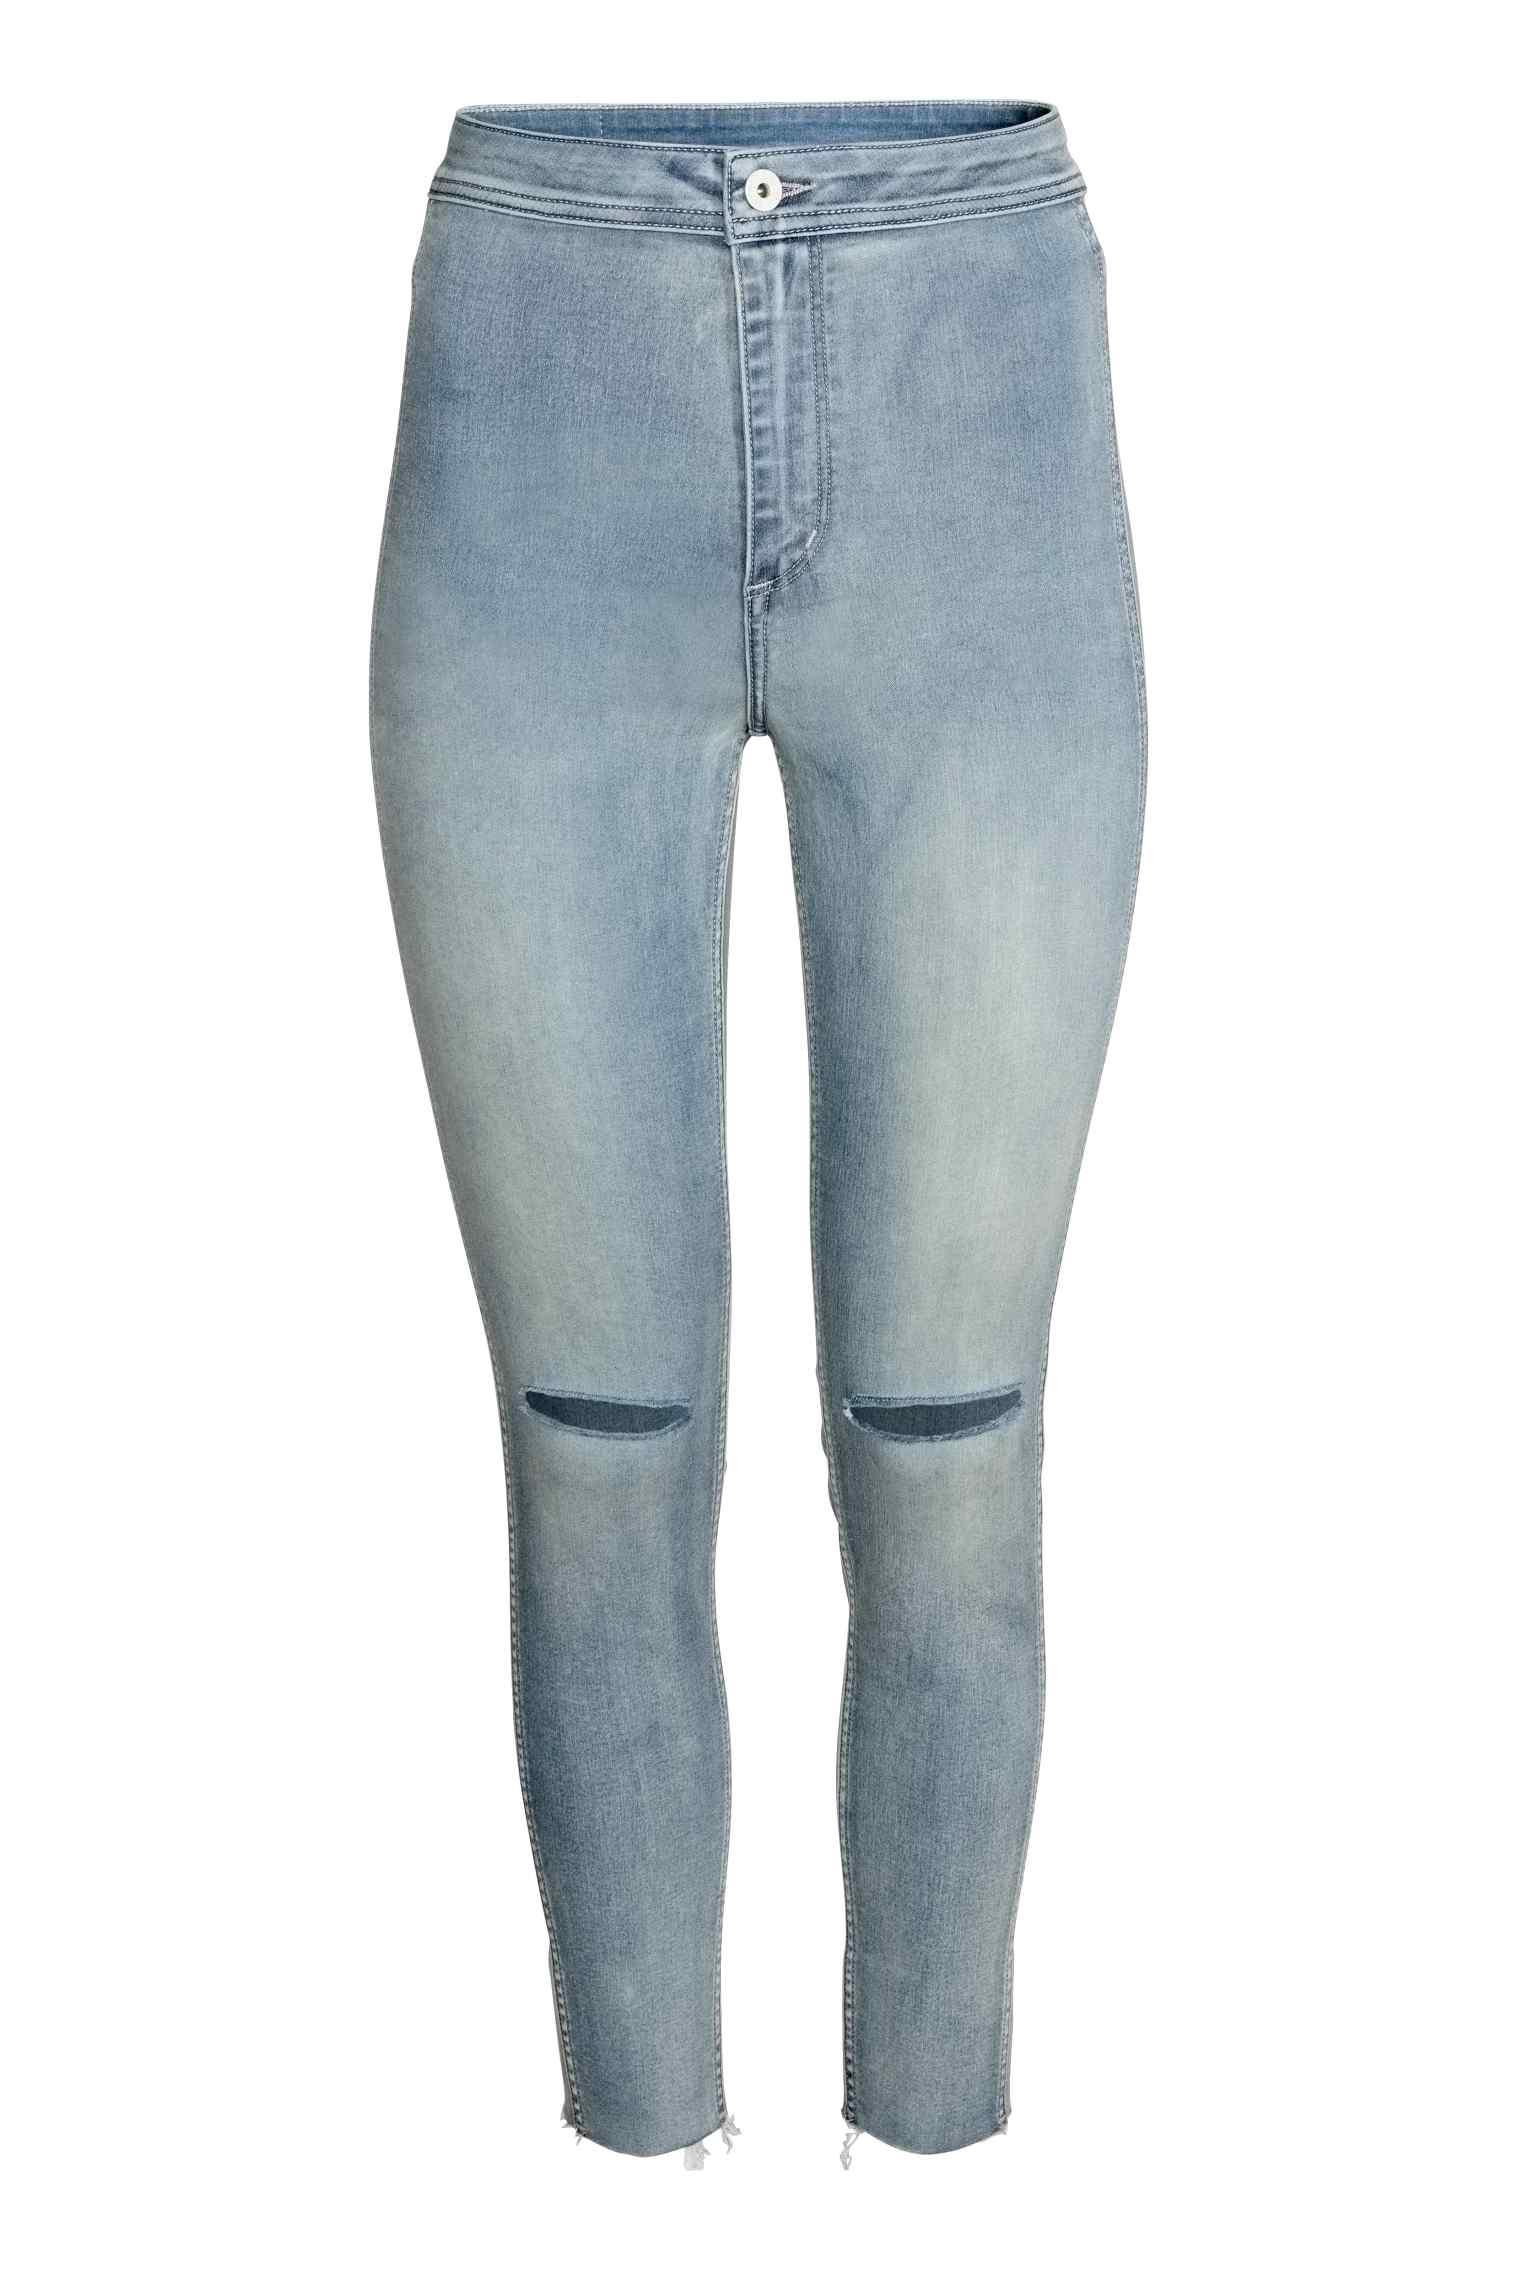 Ripped jeans en Zara